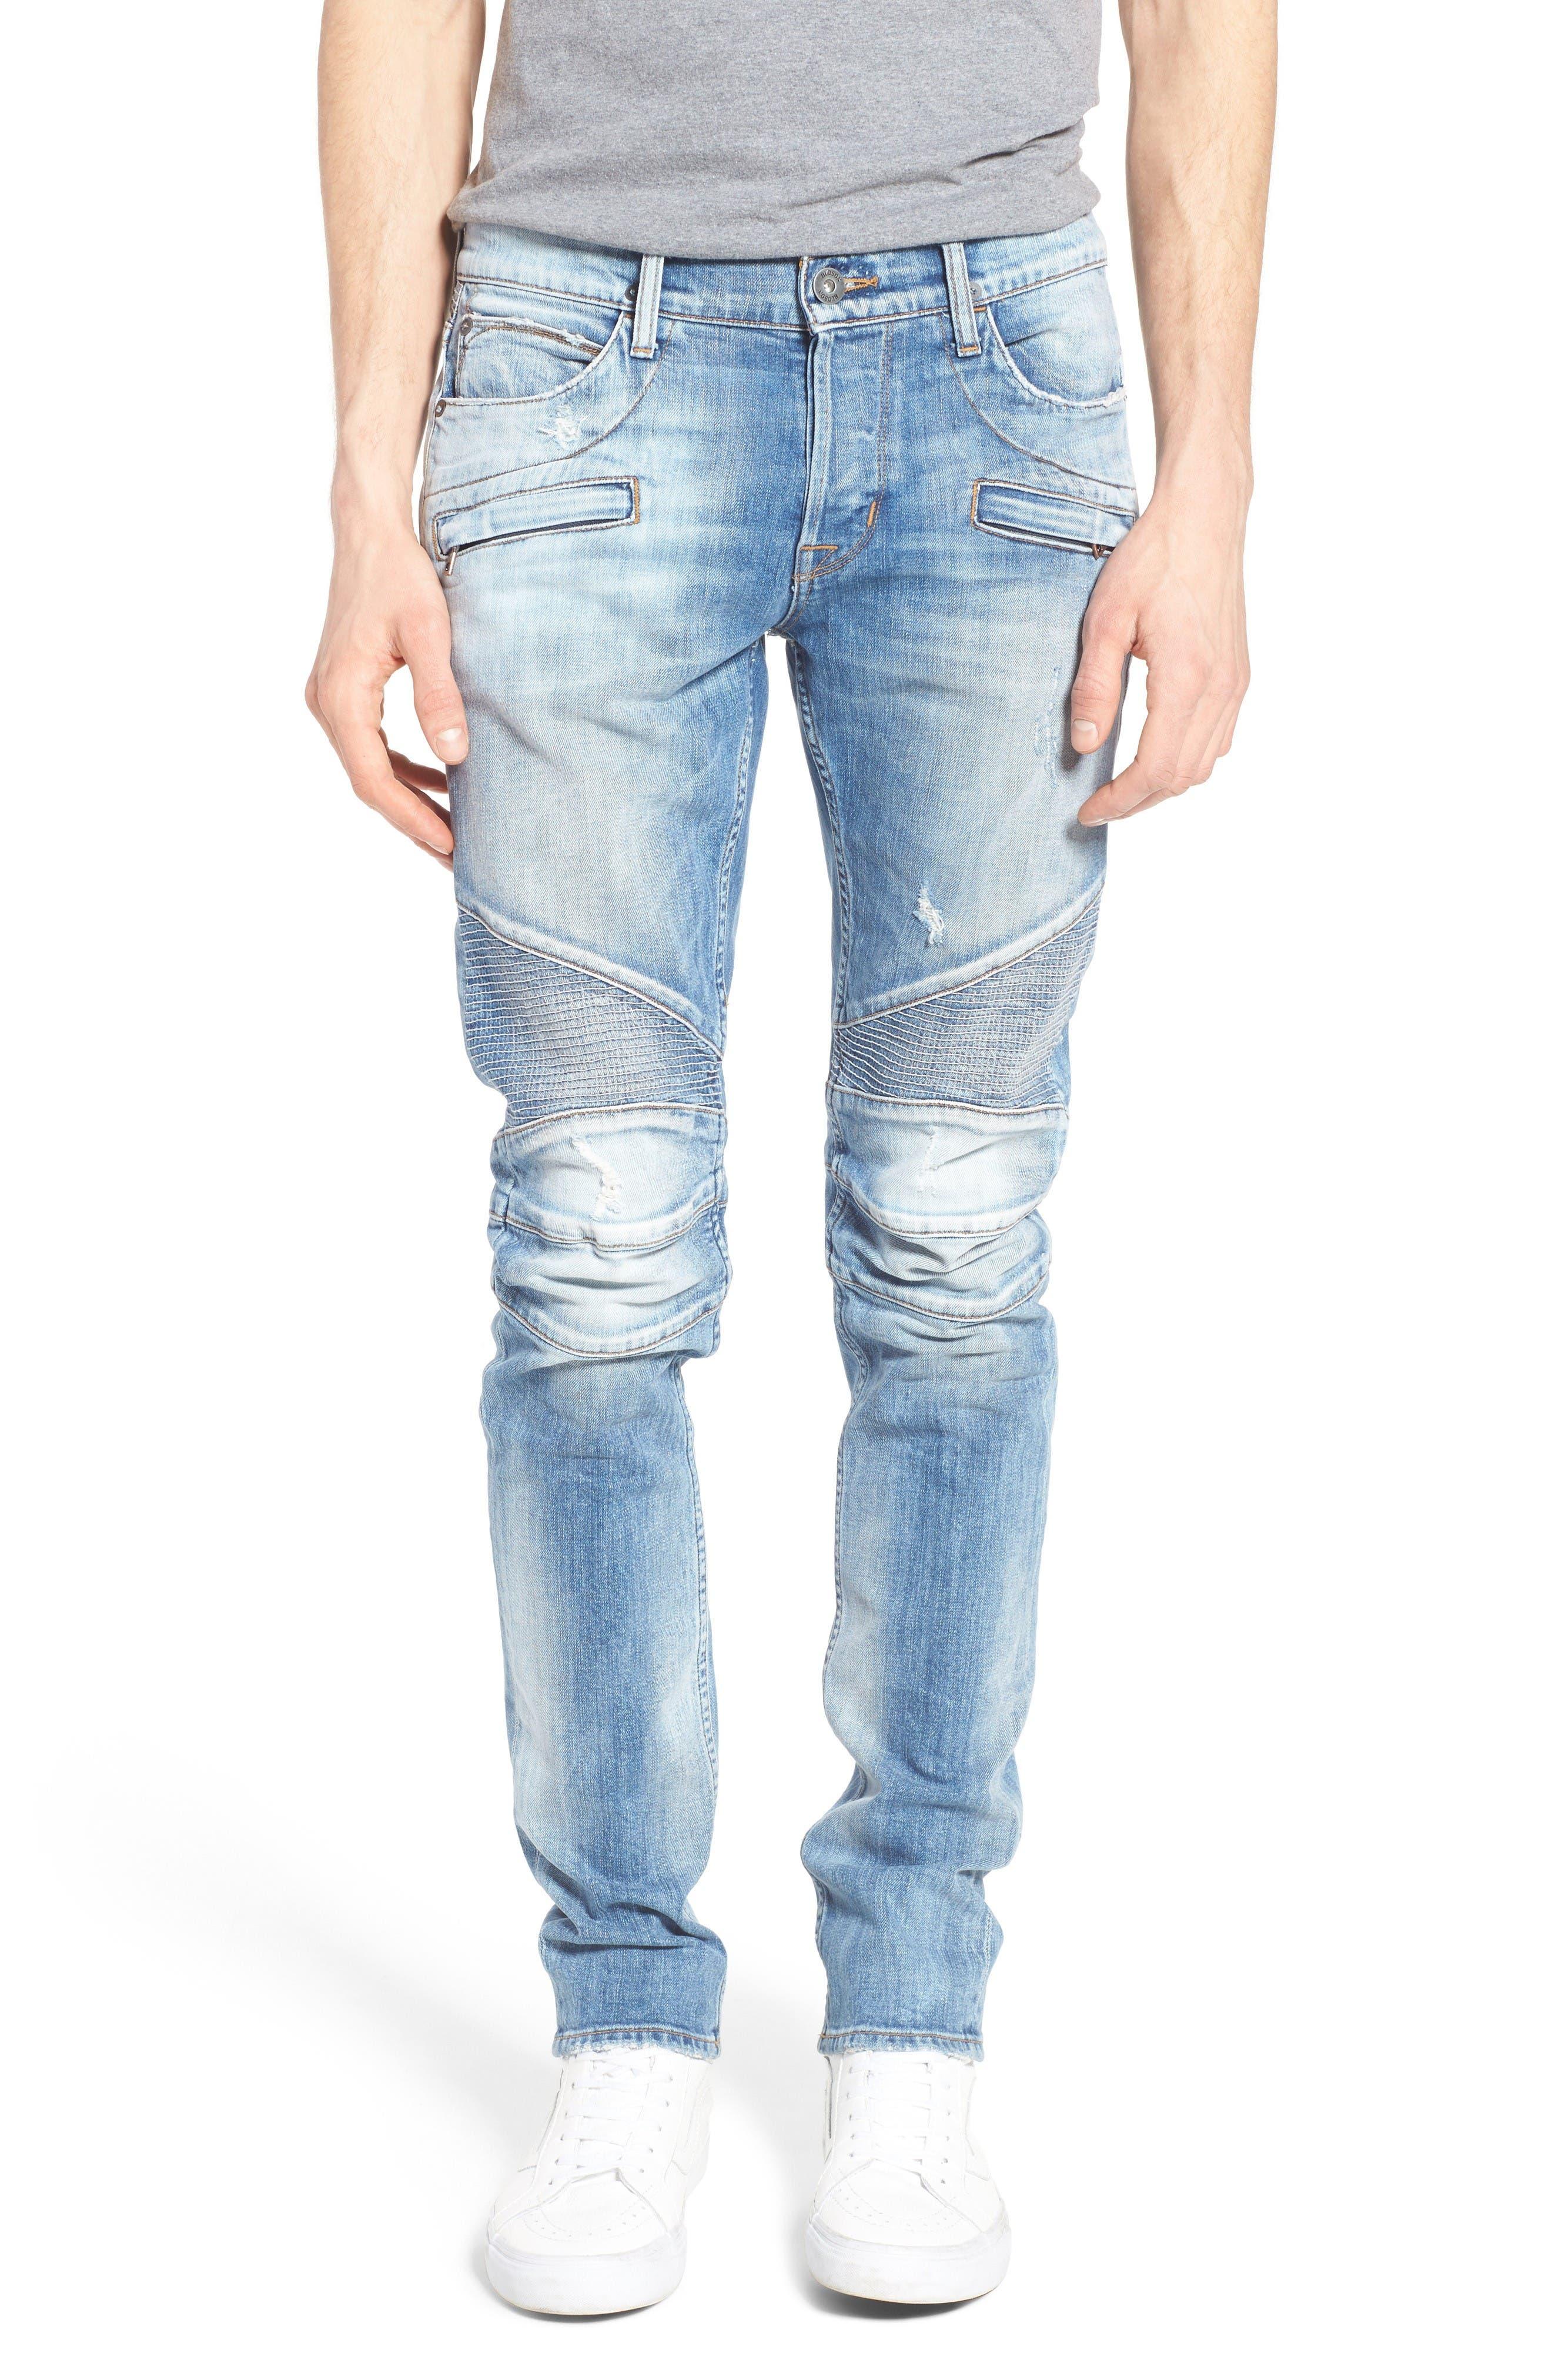 Alternate Image 1 Selected - Hudson Jeans Blinder Skinny Fit Moto Jeans (Thrash)